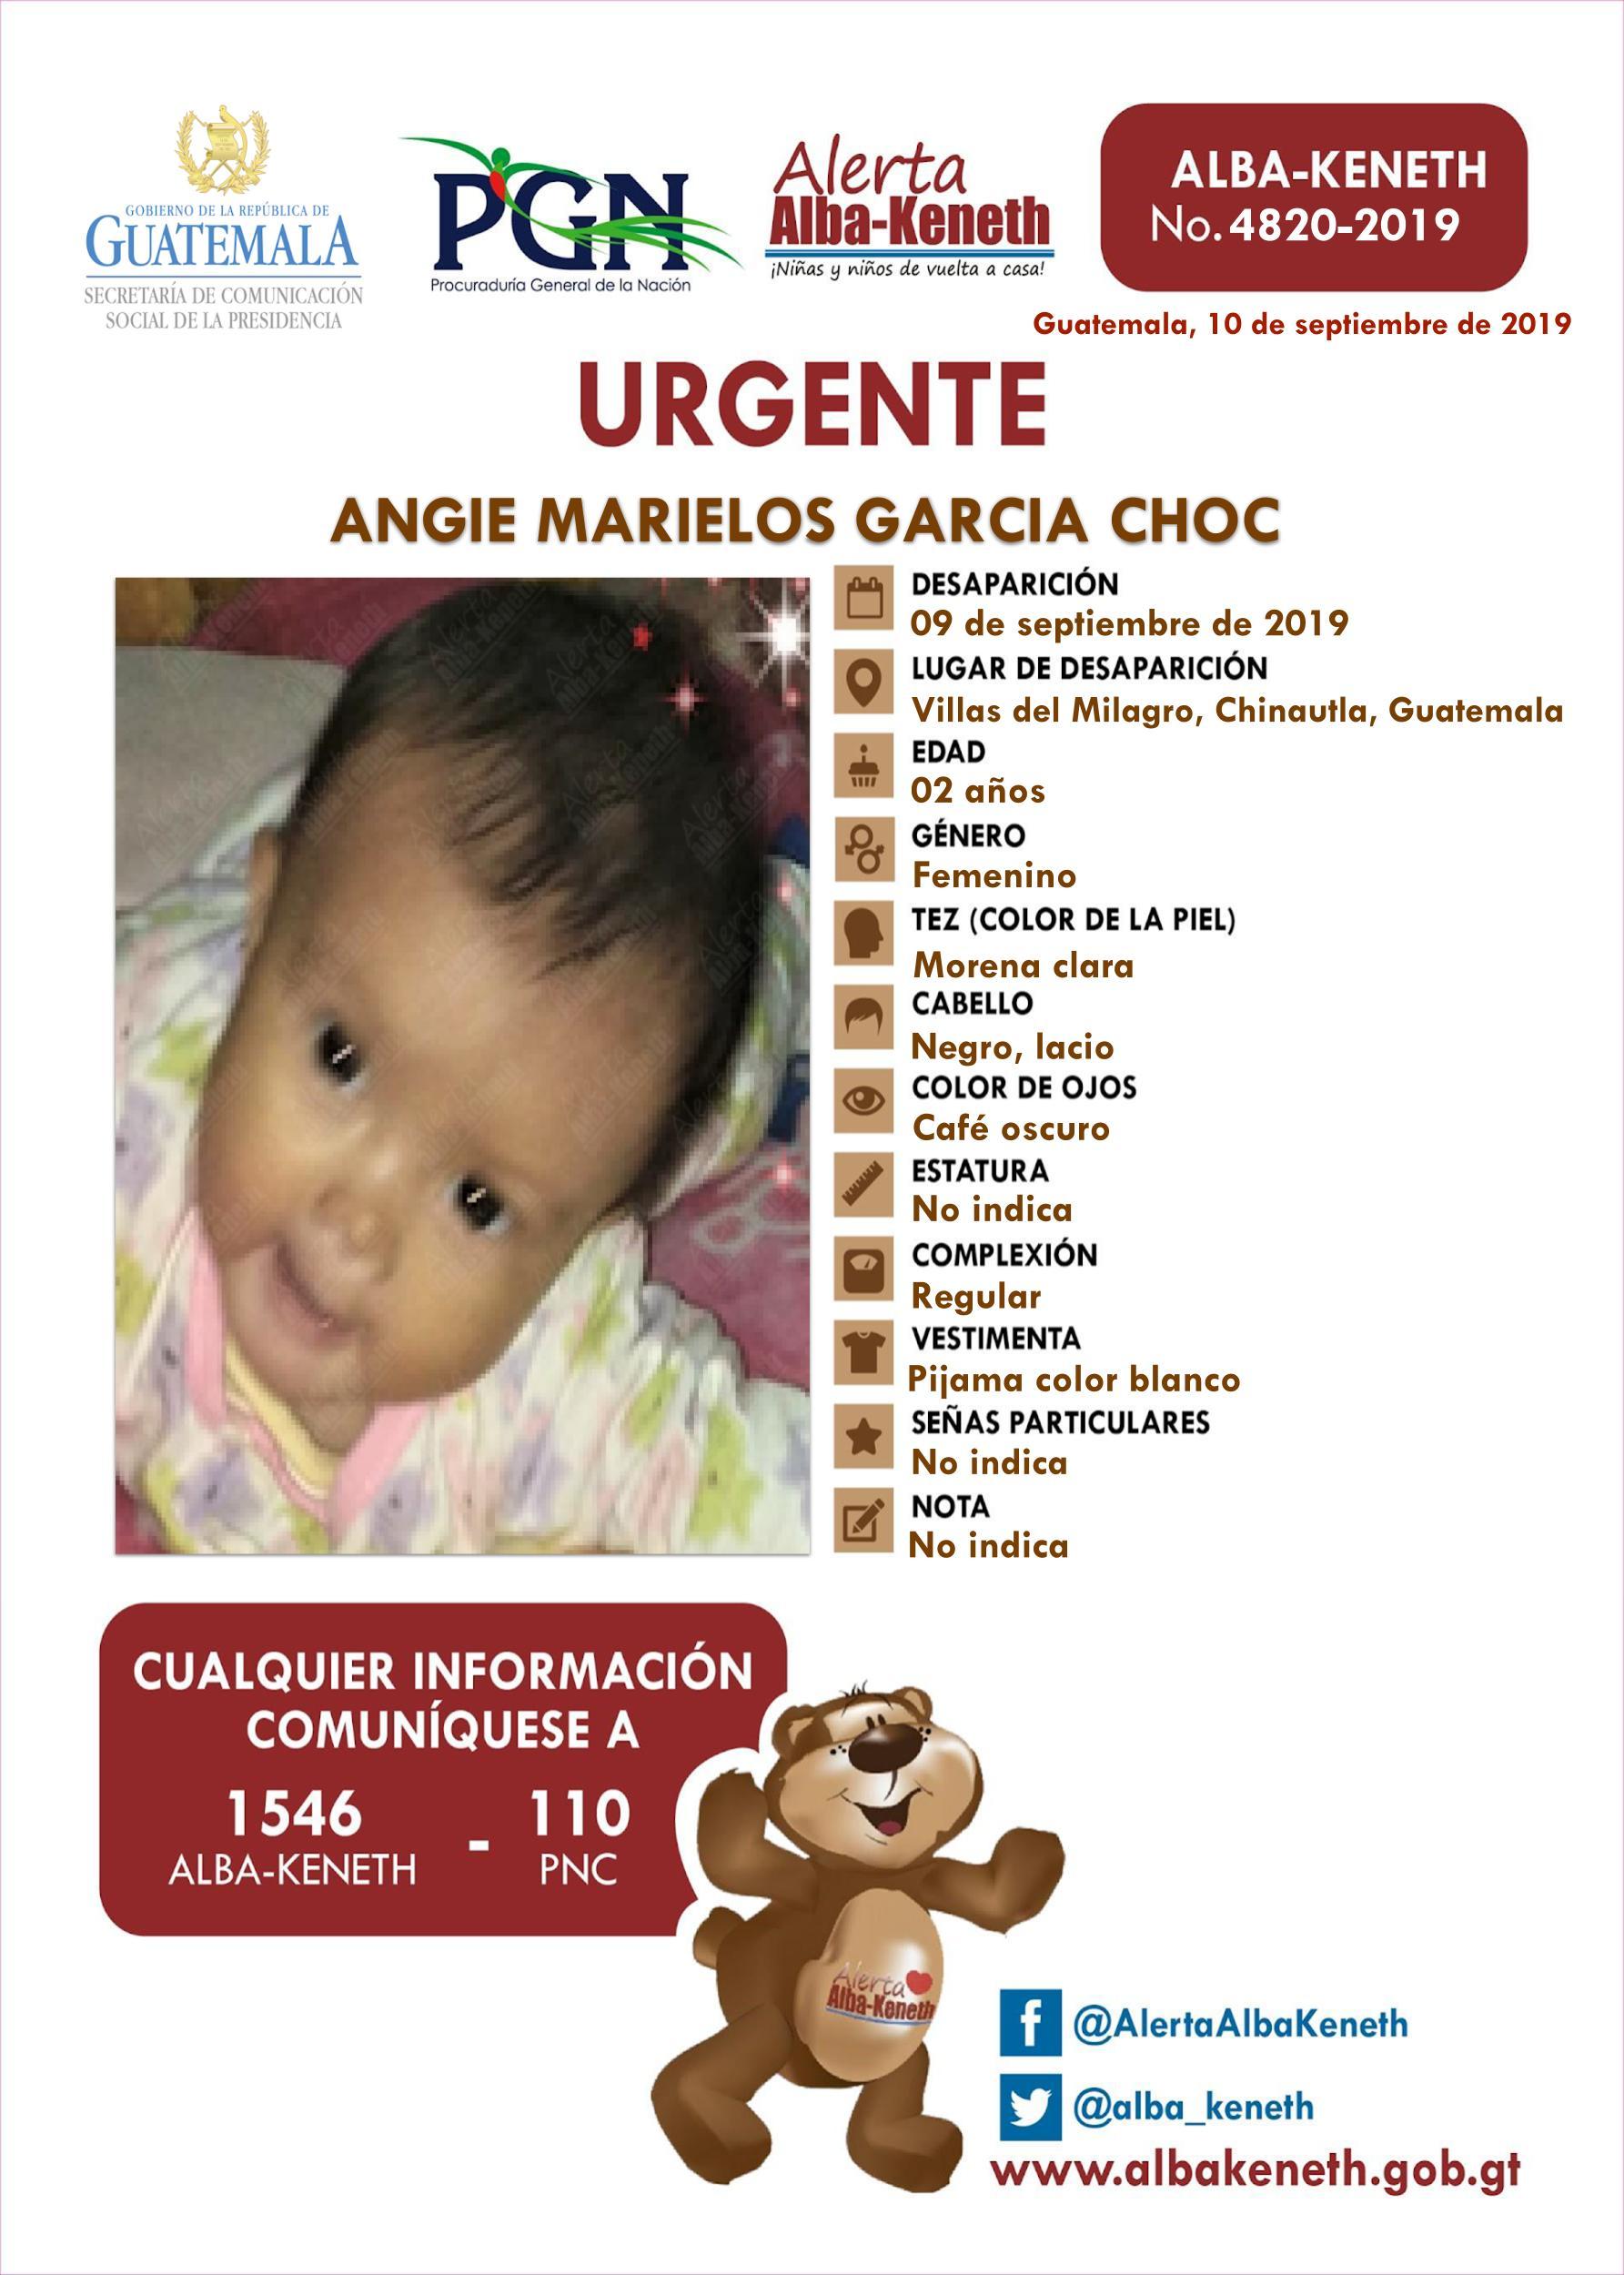 Angie Marielos Garcia Choc